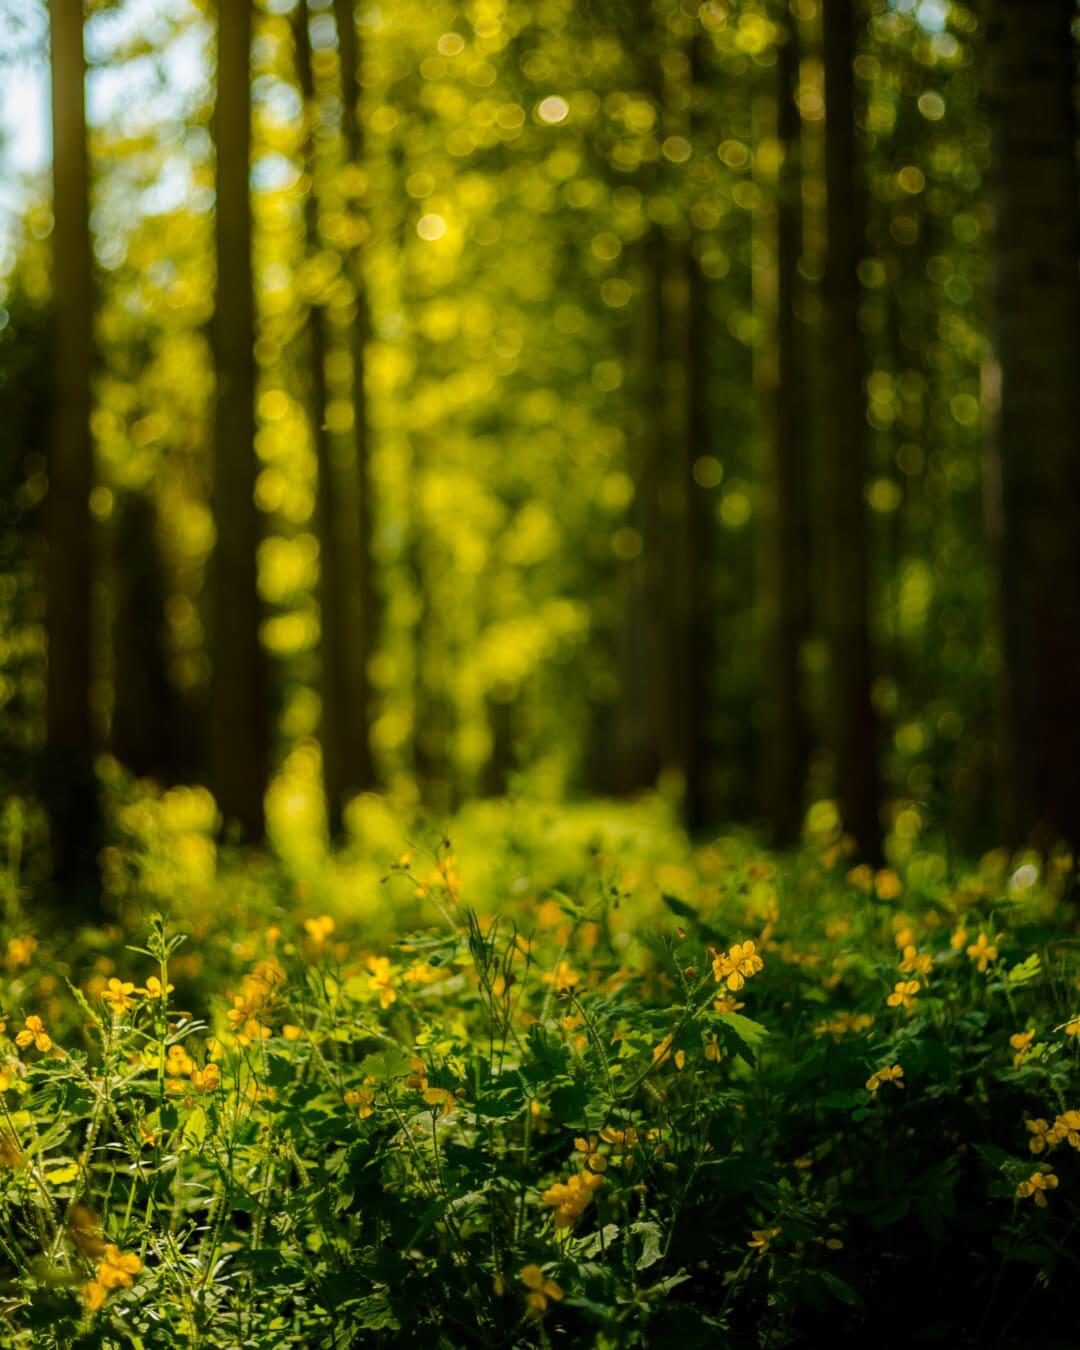 Ökosystem, Wald, Ökologie, Sonnenlicht, Sonnenschein, Holz, Anlage, Dämmerung, Kraut, Sonne